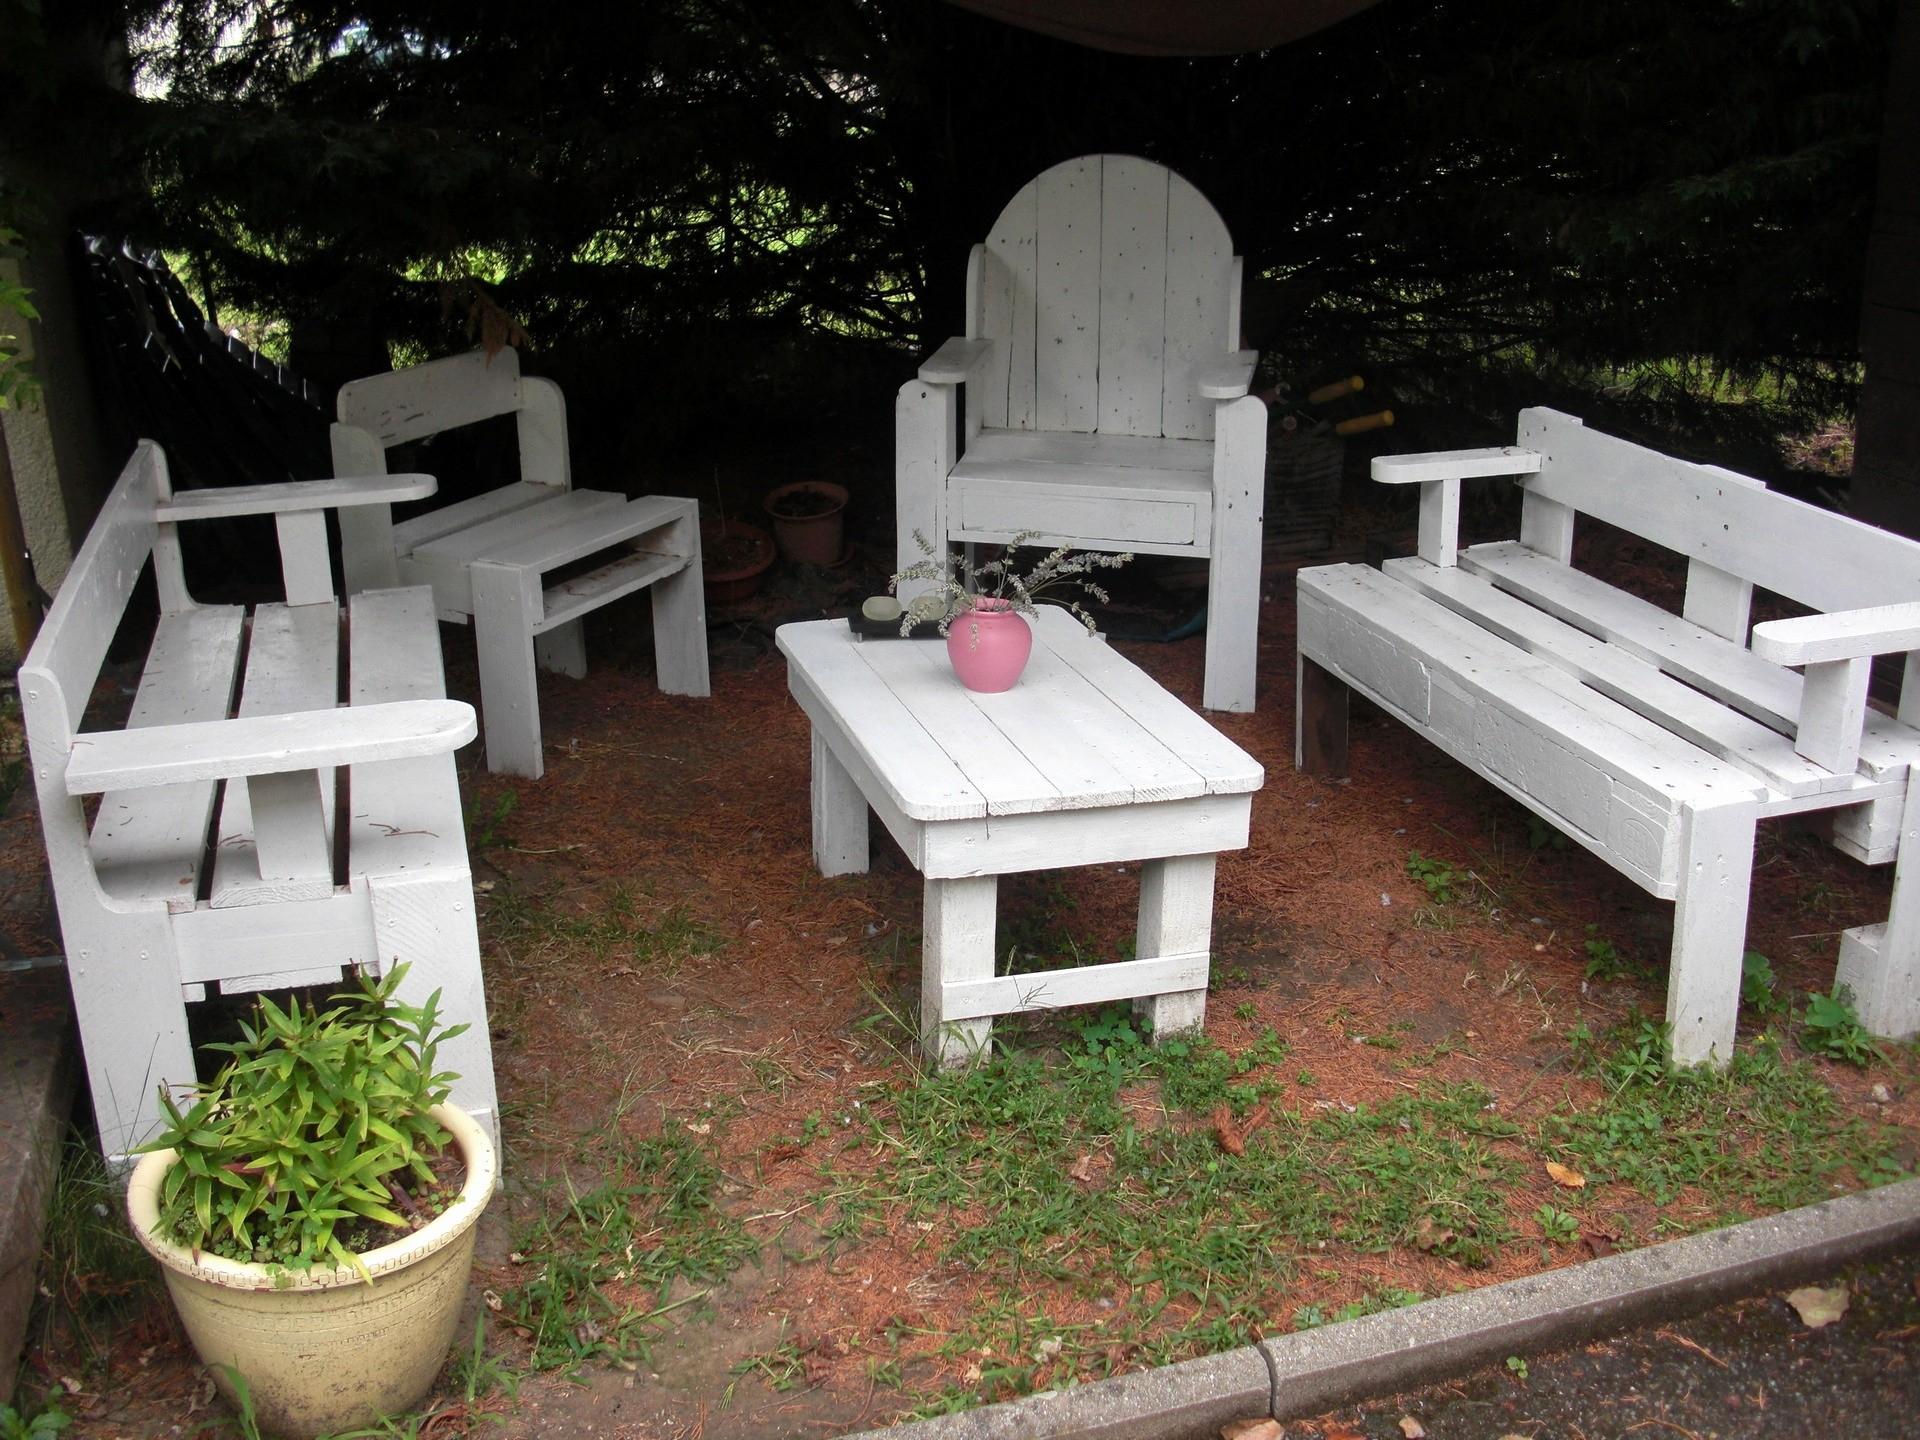 Les Jardins Du Volvestre Meilleur De Photos 20 Frais Table Et Chaises Jardin Idées Populaires Le Jardin